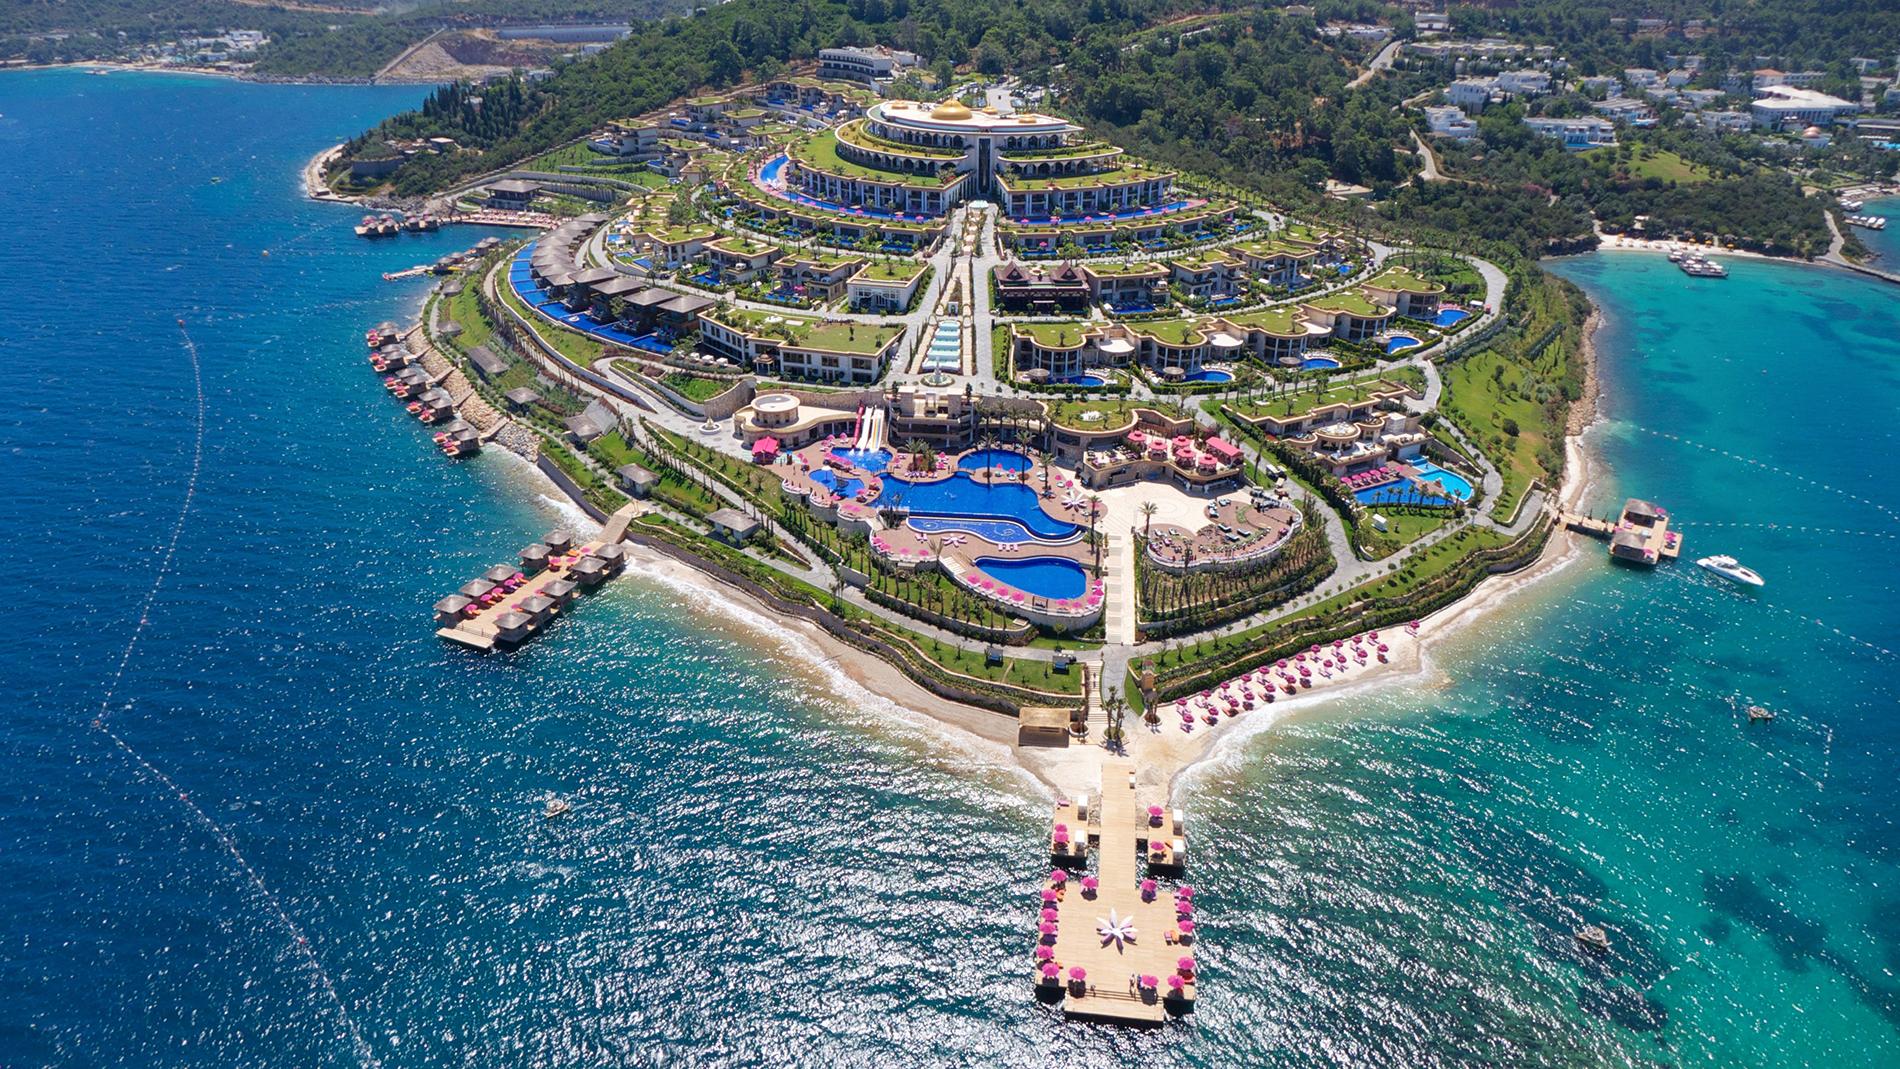 Trivago Jumeirah Beach Hotel